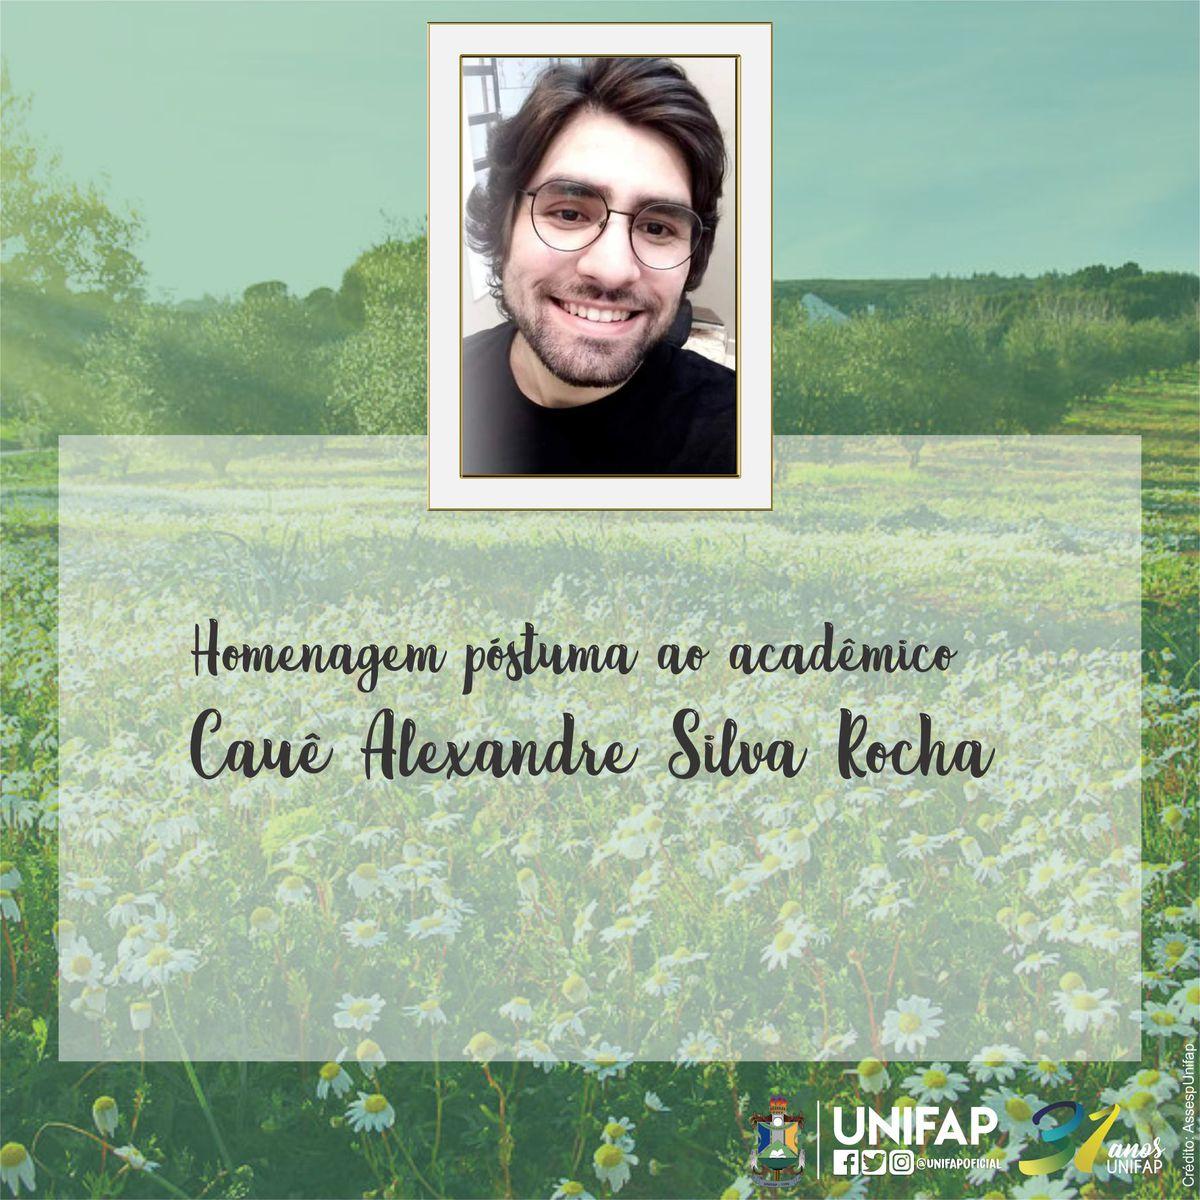 Nota de pesar pelo falecimento de Cauê Alexandre Silva Rocha